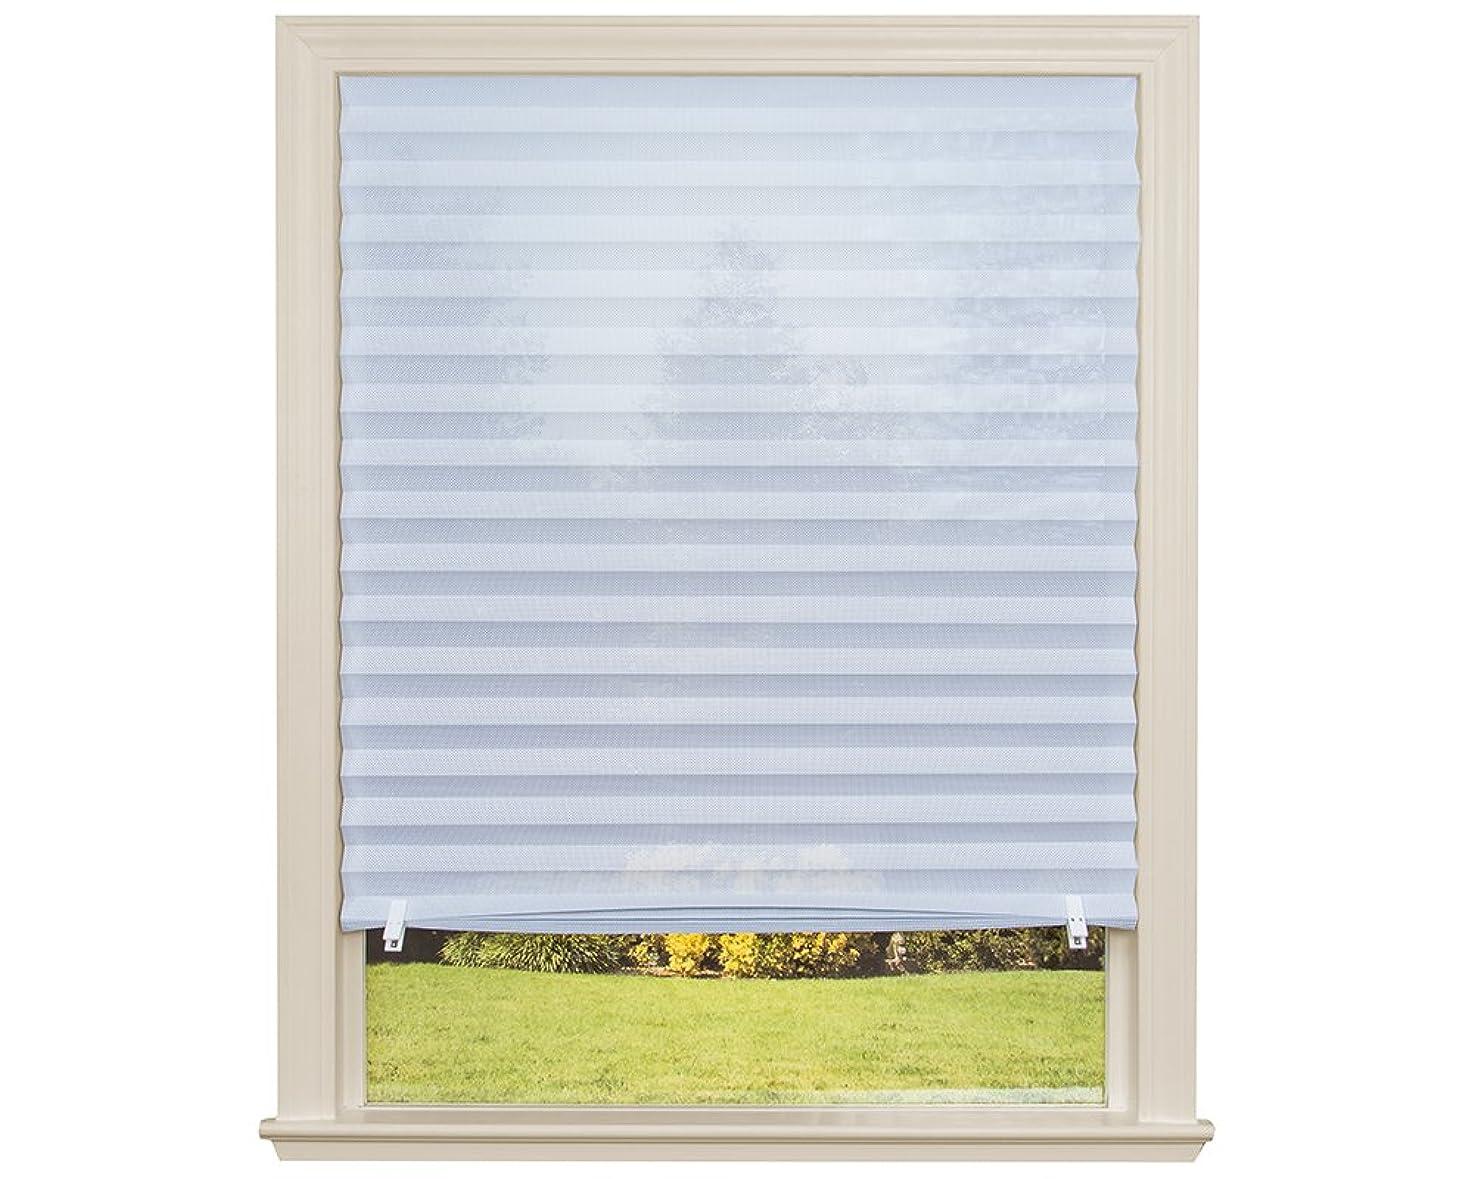 Redi Shade 3607899 Sheer View UV Blocking Solar Fabric Shade White, 36